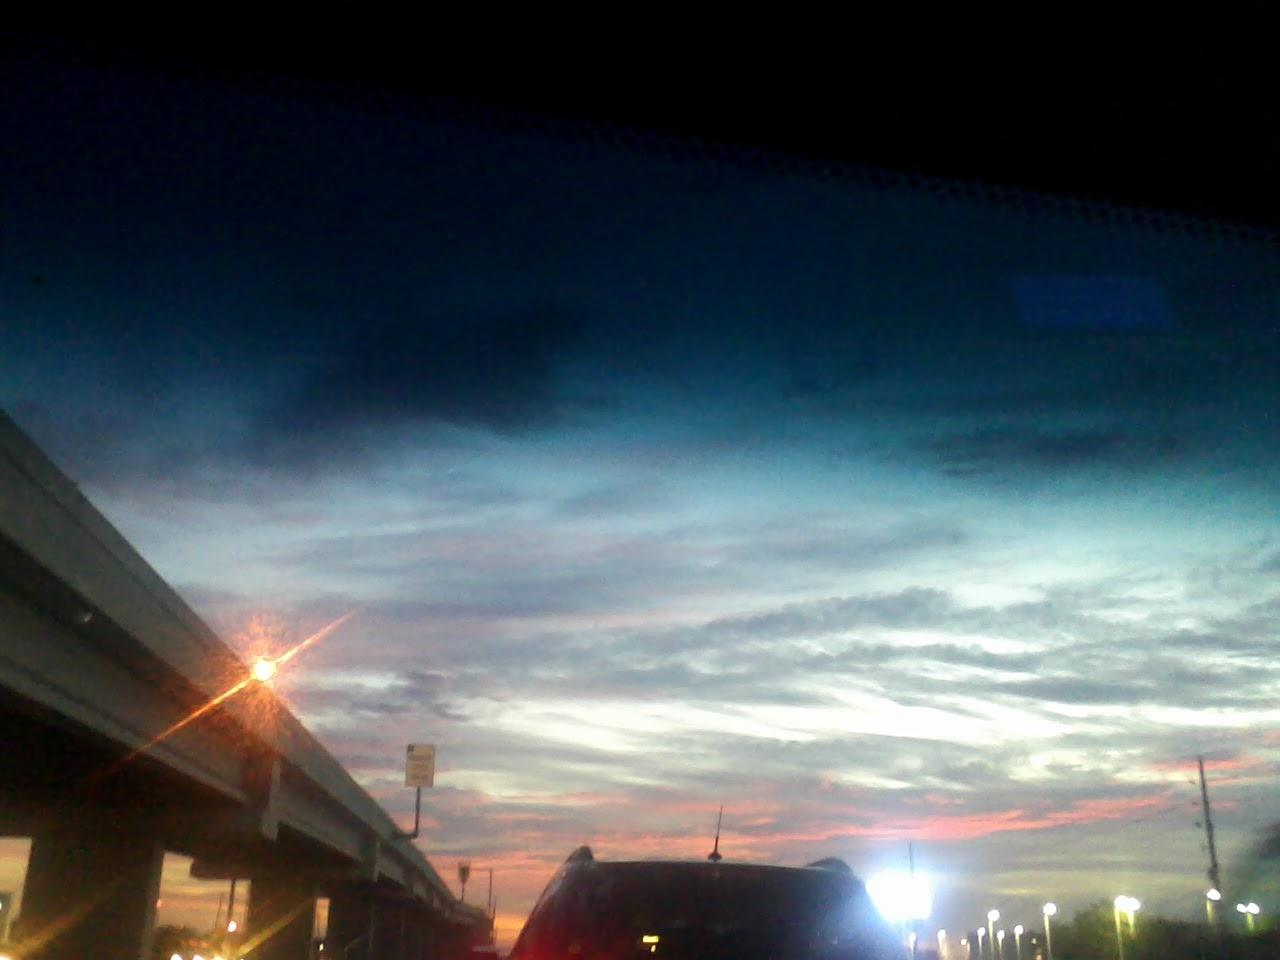 Sky - 0825064307.jpg